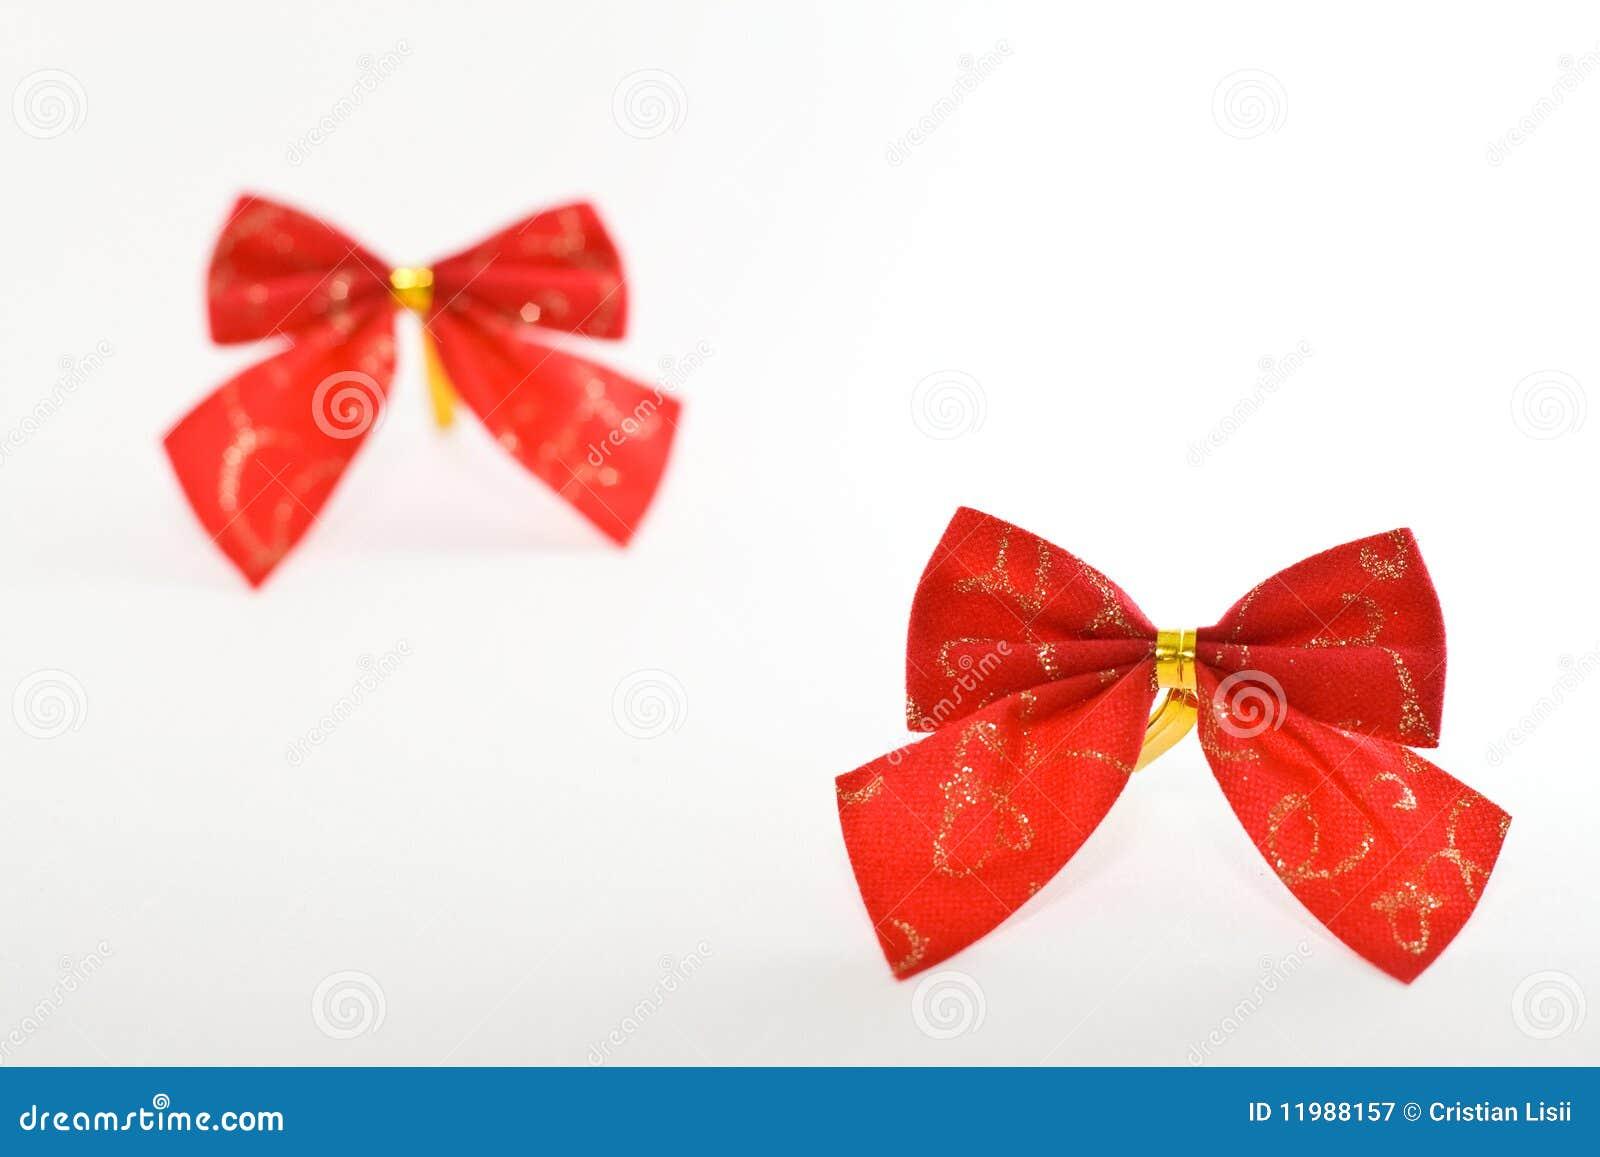 Weihnachtsbögen stockbild. Bild von weihnachten, symbol - 11988157